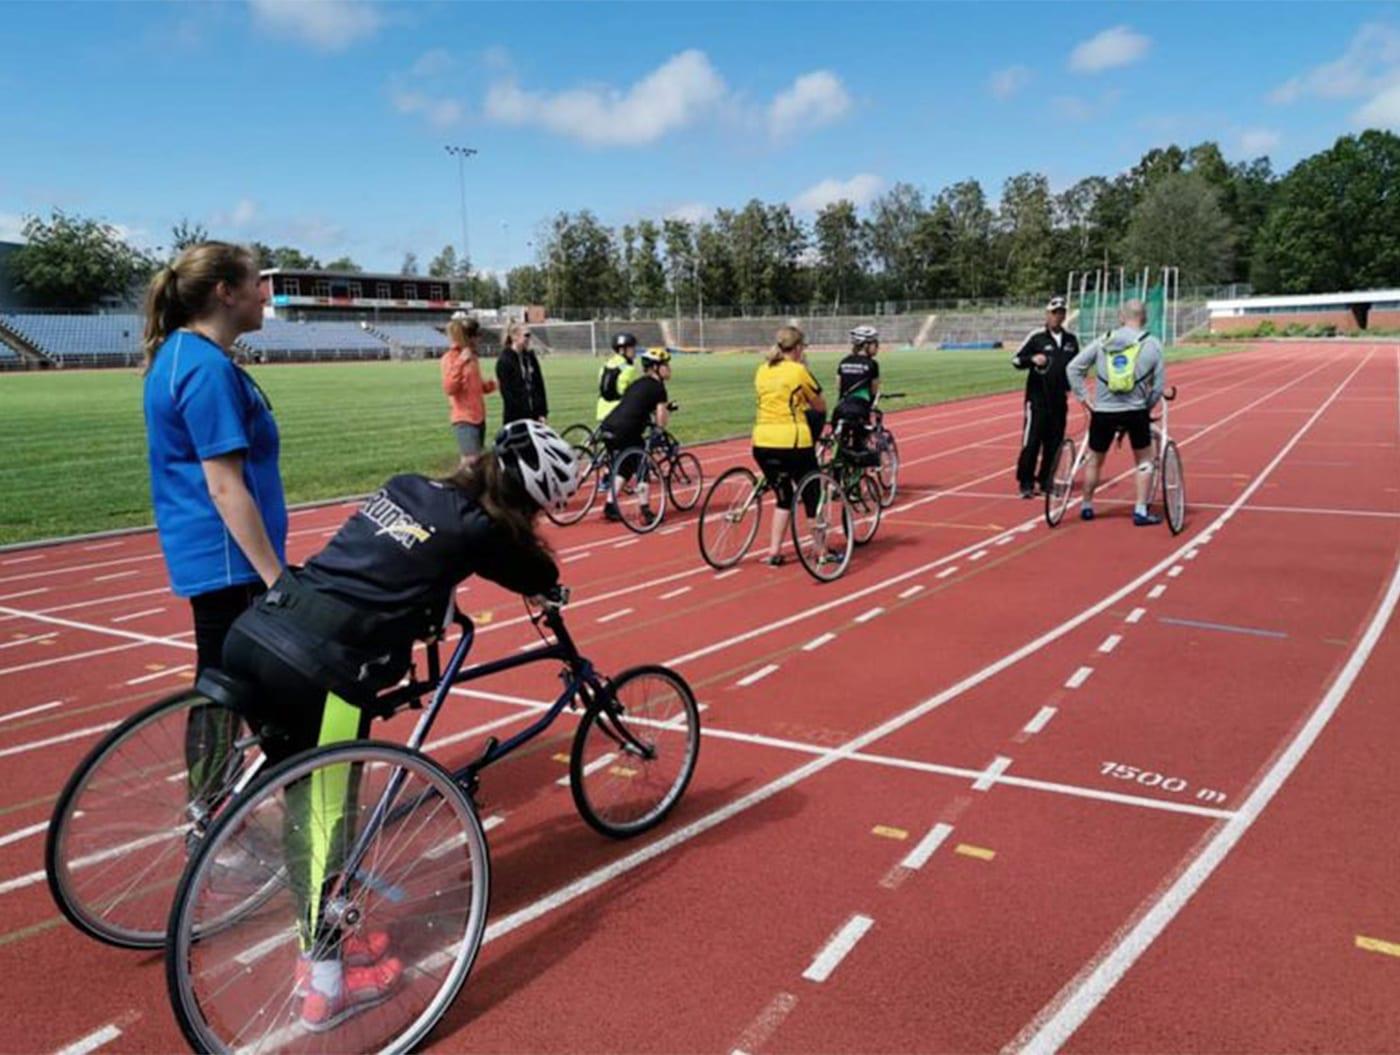 Bilde av en løpebane med fem utøvere i løpesykler. De har alle ryggen mot kameraet og ser ut til å gjøre seg klare til et løp.